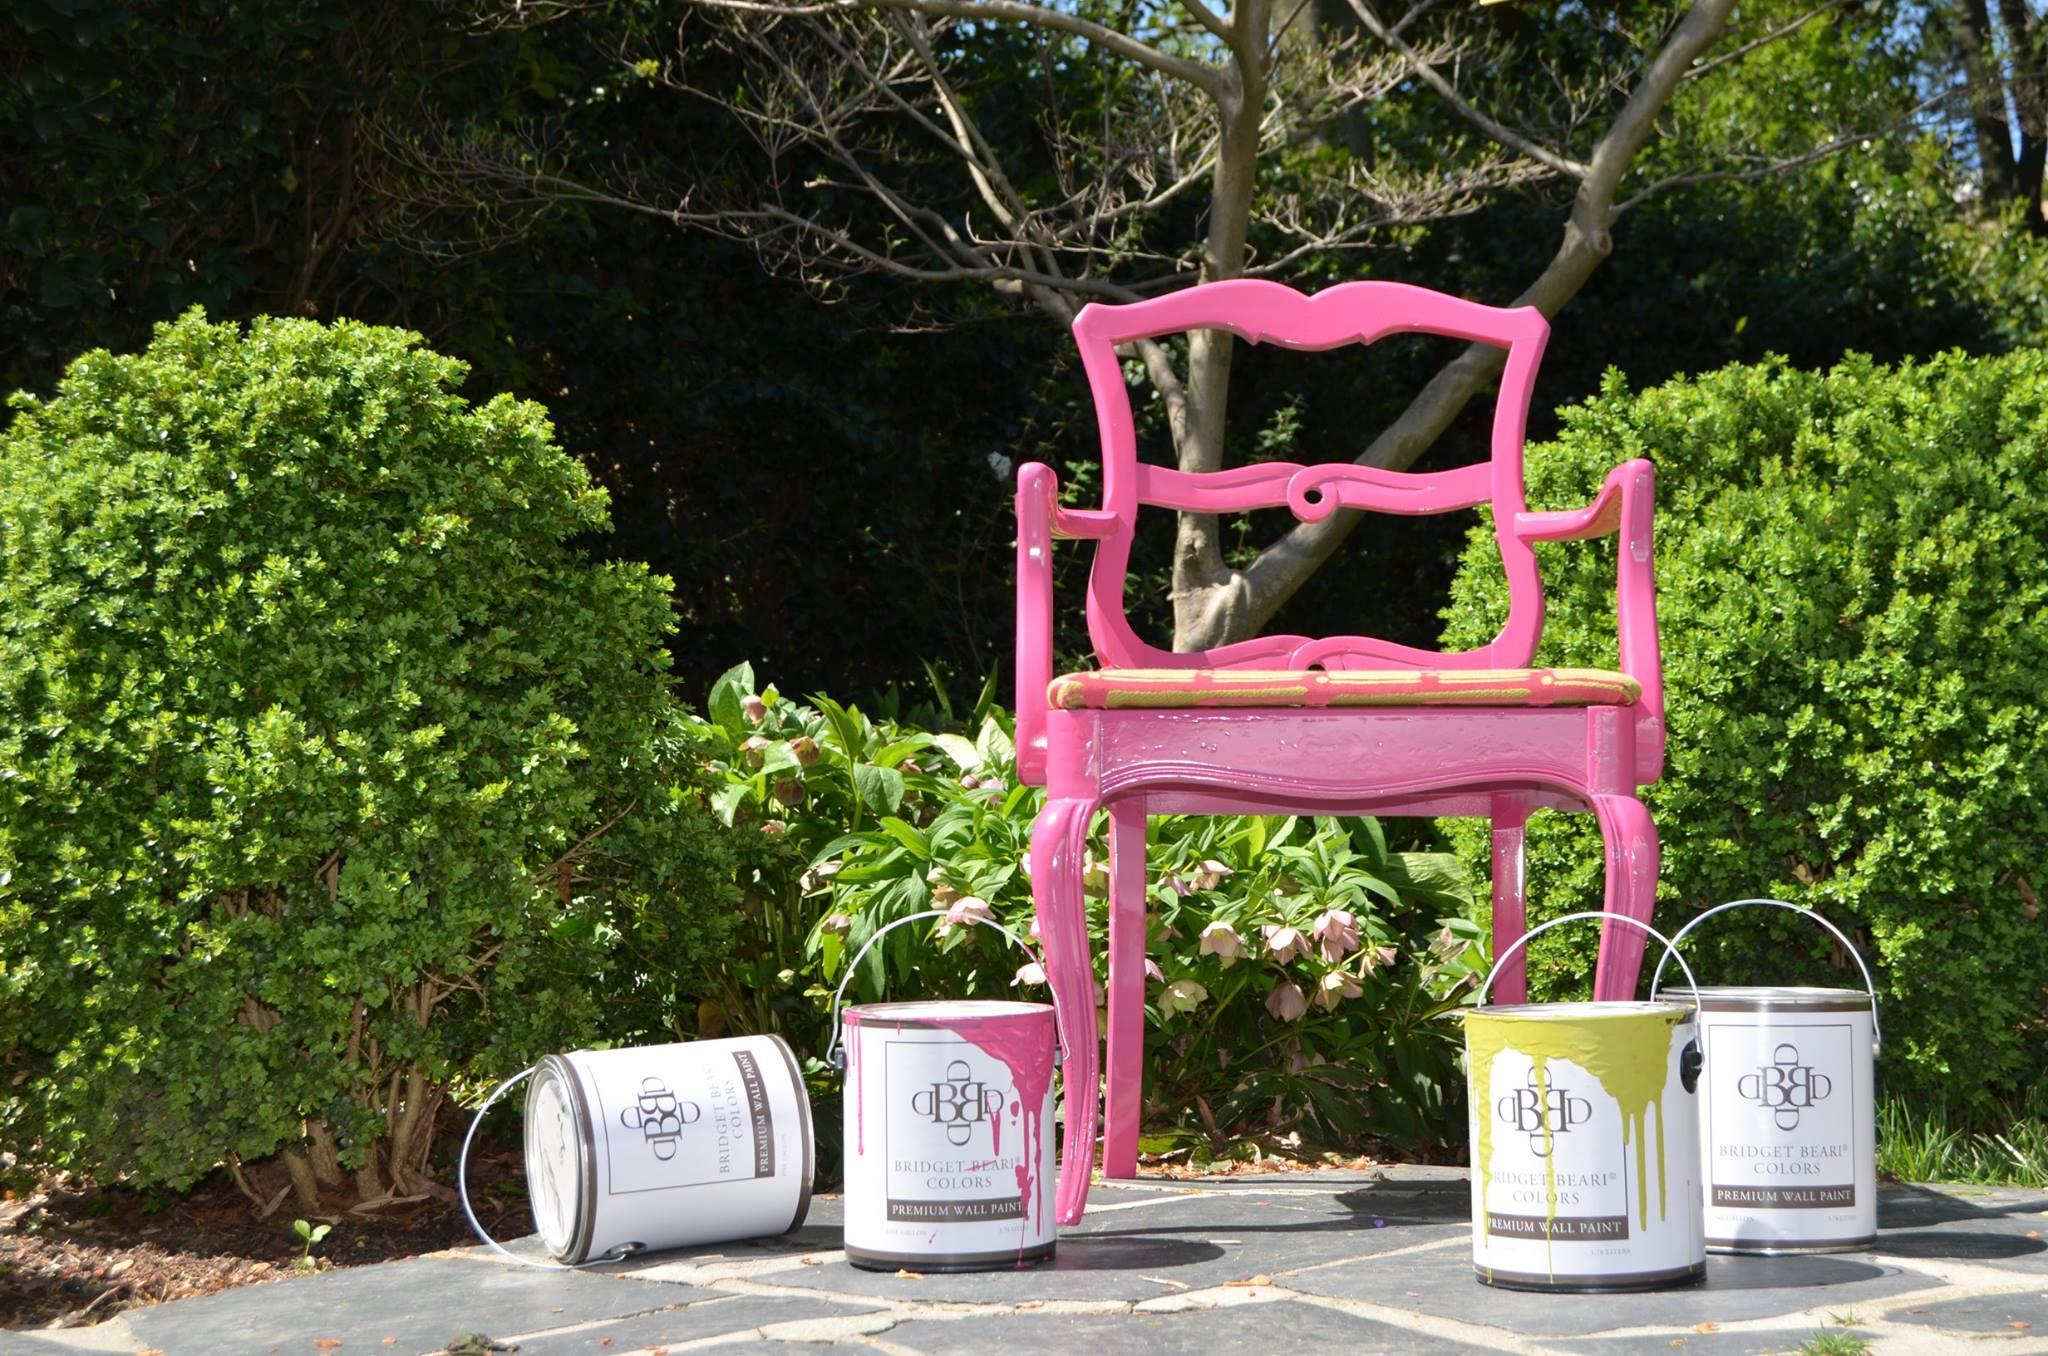 BridgetBeari_pink_chair.jpg